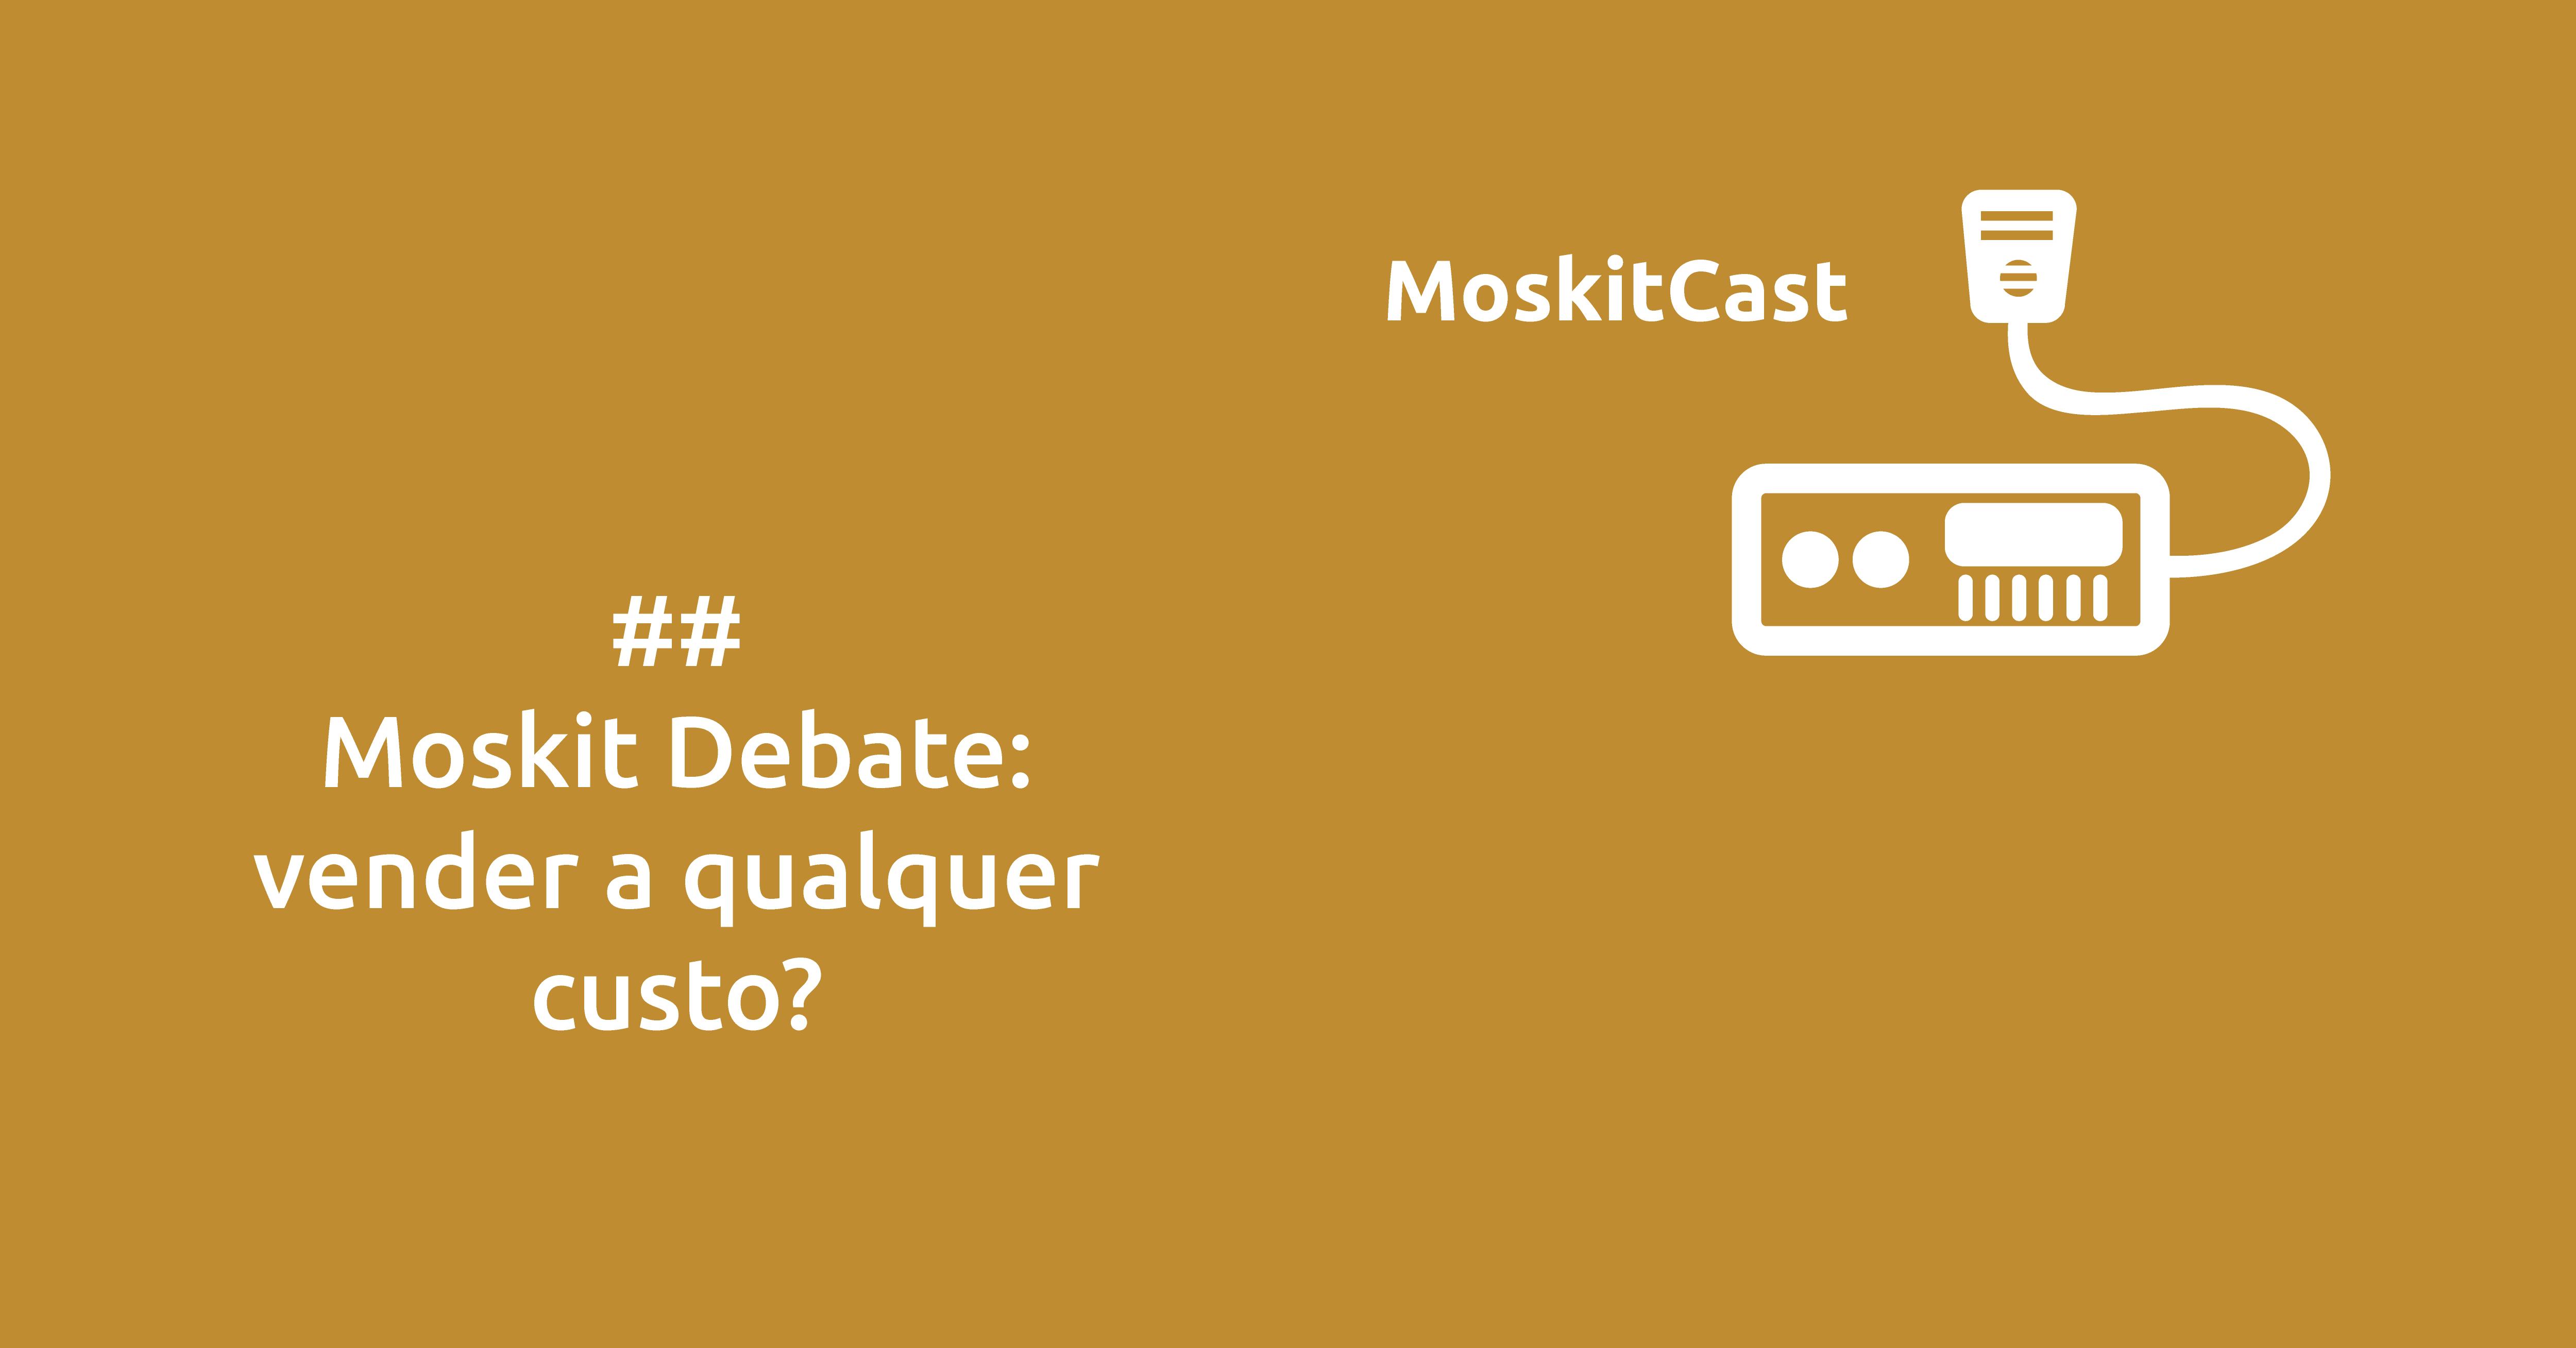 Moskit Debate: Vender a qualquer custo?